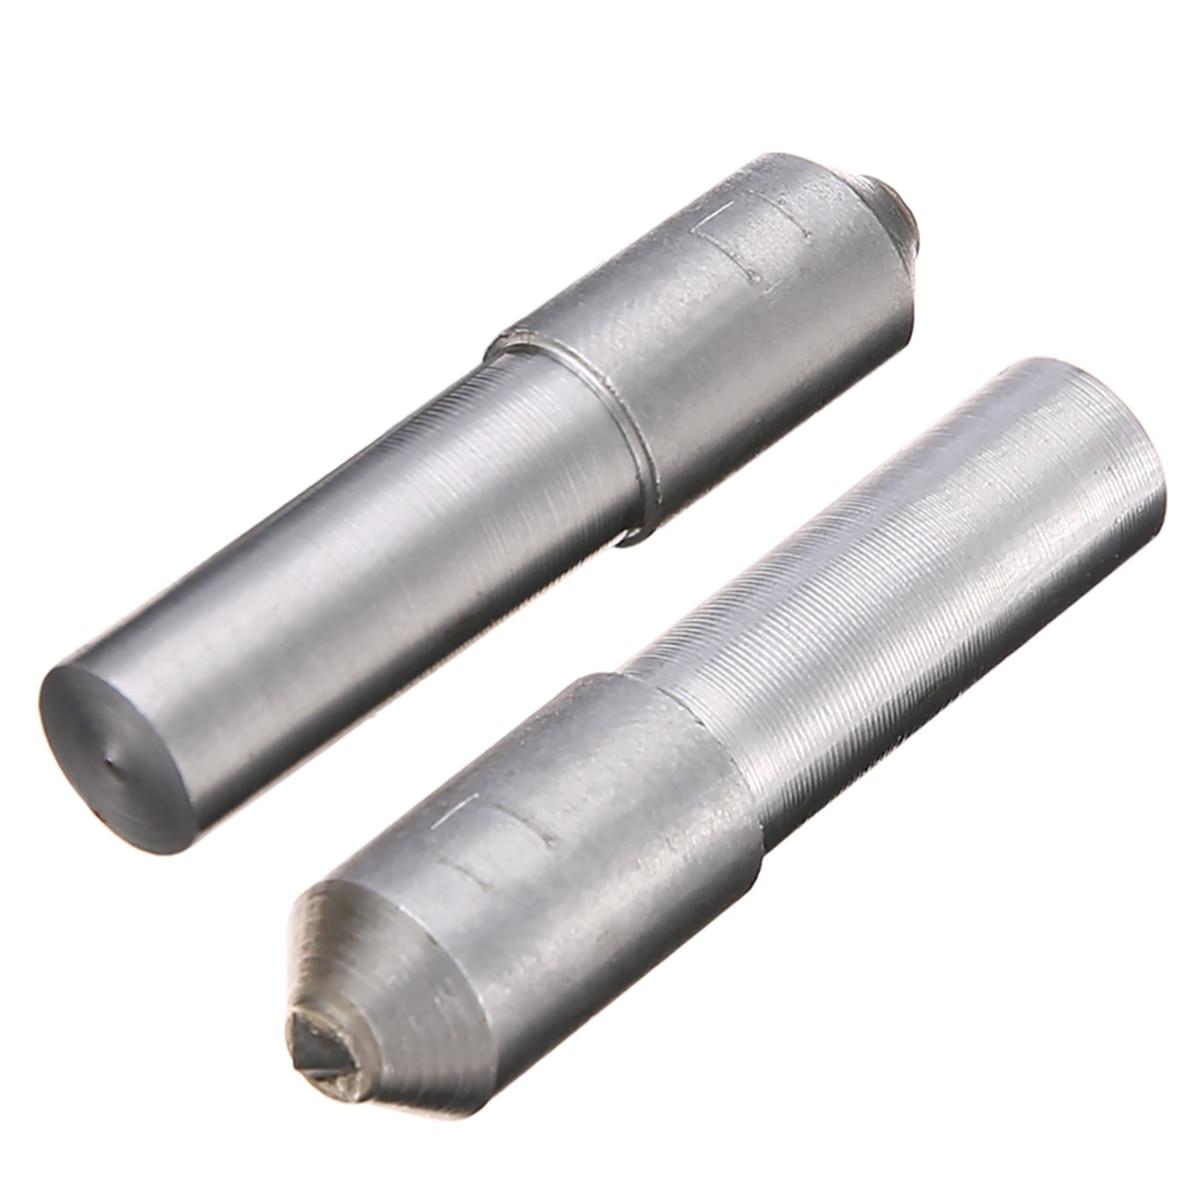 1pc 4mm Diameter Diamond Wheel Dresser Grinding Dressing Pen Mayitr For Power Tool